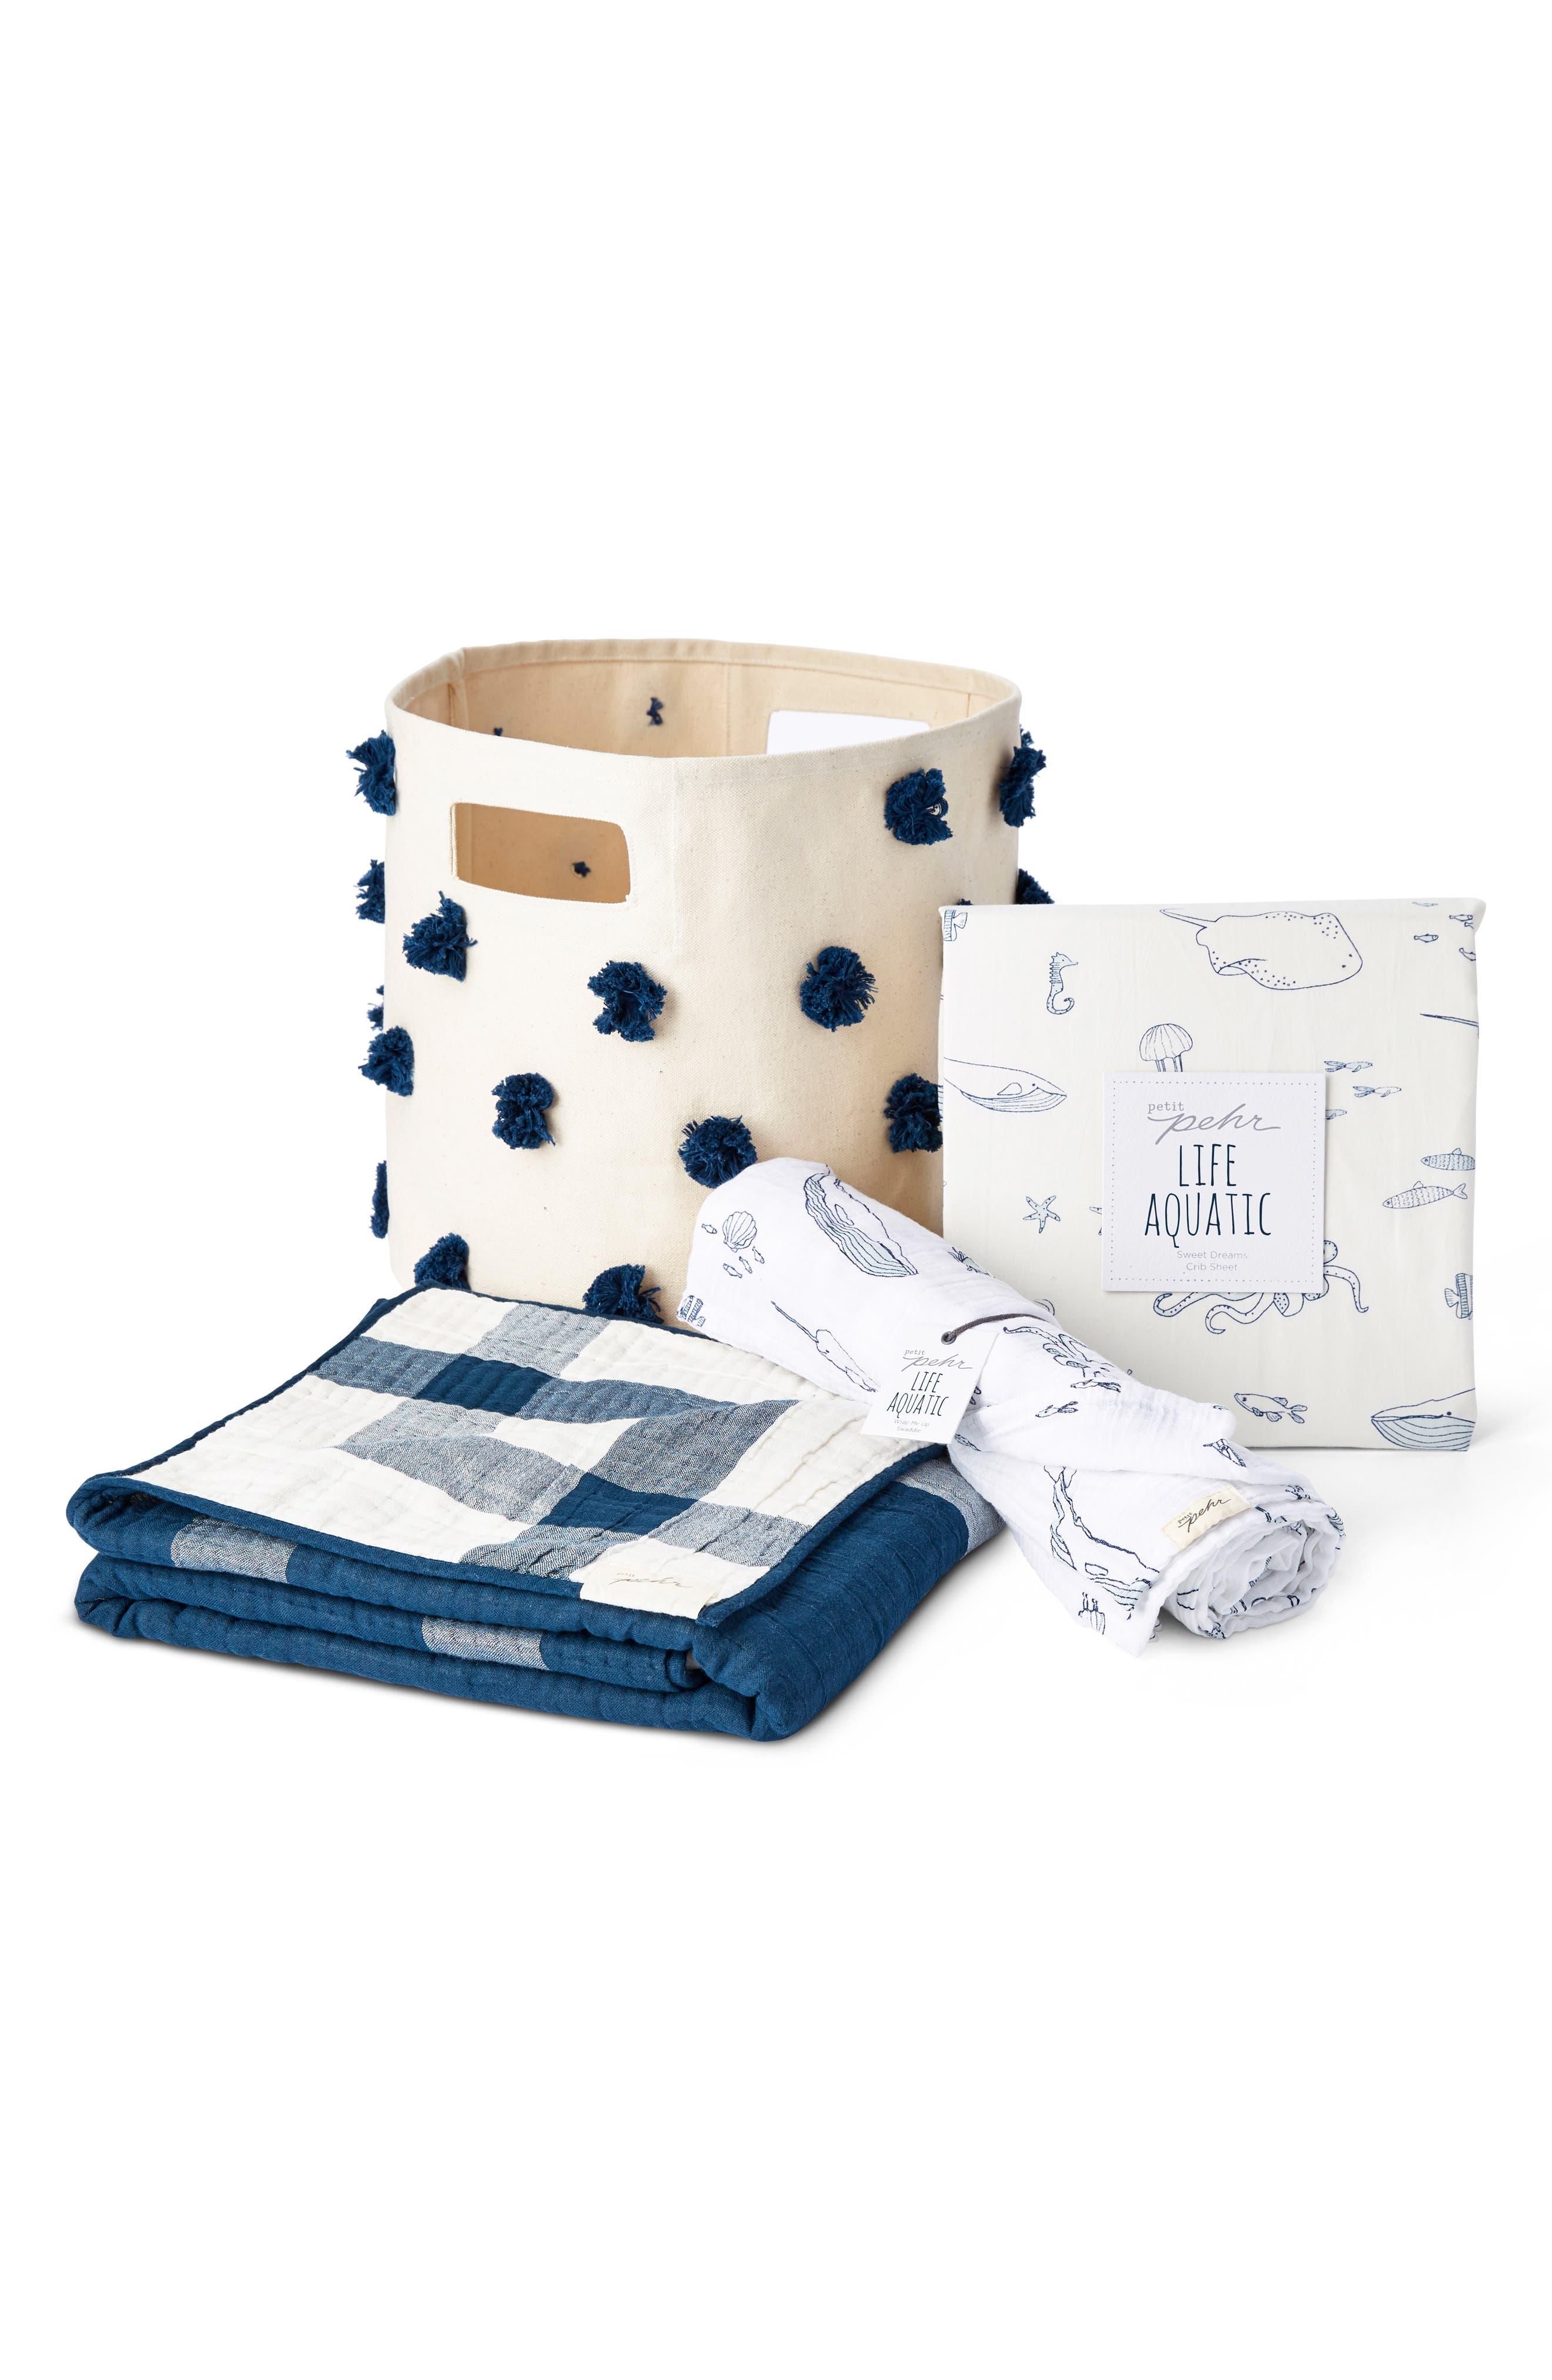 Life Aquatic 4-Piece Bed Linen & Storage Set, Main, color, BLUE